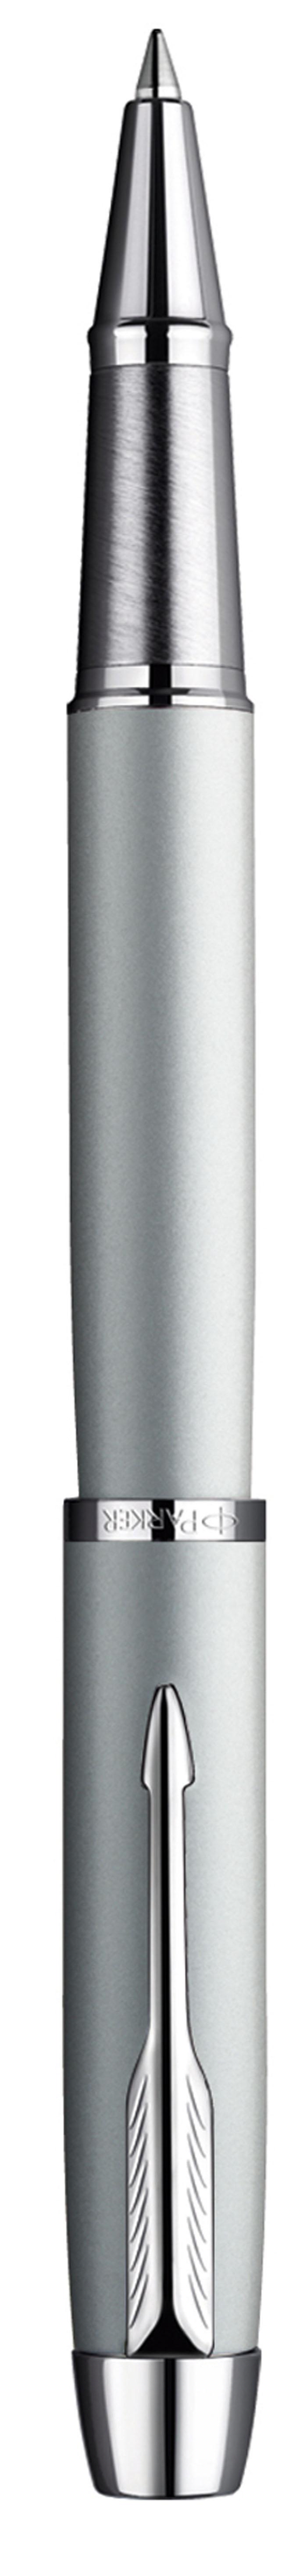 Parker Ручка-роллер IM Silver CTPARKER-S0856370Эта ручка очаровывает сочетанием мягкими пастельными тонами и ледяным мерцанием стали. Этот изысканный аксессуар выгодно подчеркнет индивидуальность и безукоризненный вкус своего владельца.Толщина пишущего узла: Тонкий (F)Цвет стержня: Черный (другие продаются отдельно)Корпус: Латунный с лаковым покрытиемОтделка: Полированный металл / Хромированные детали отделкиЦвет: Серебристый